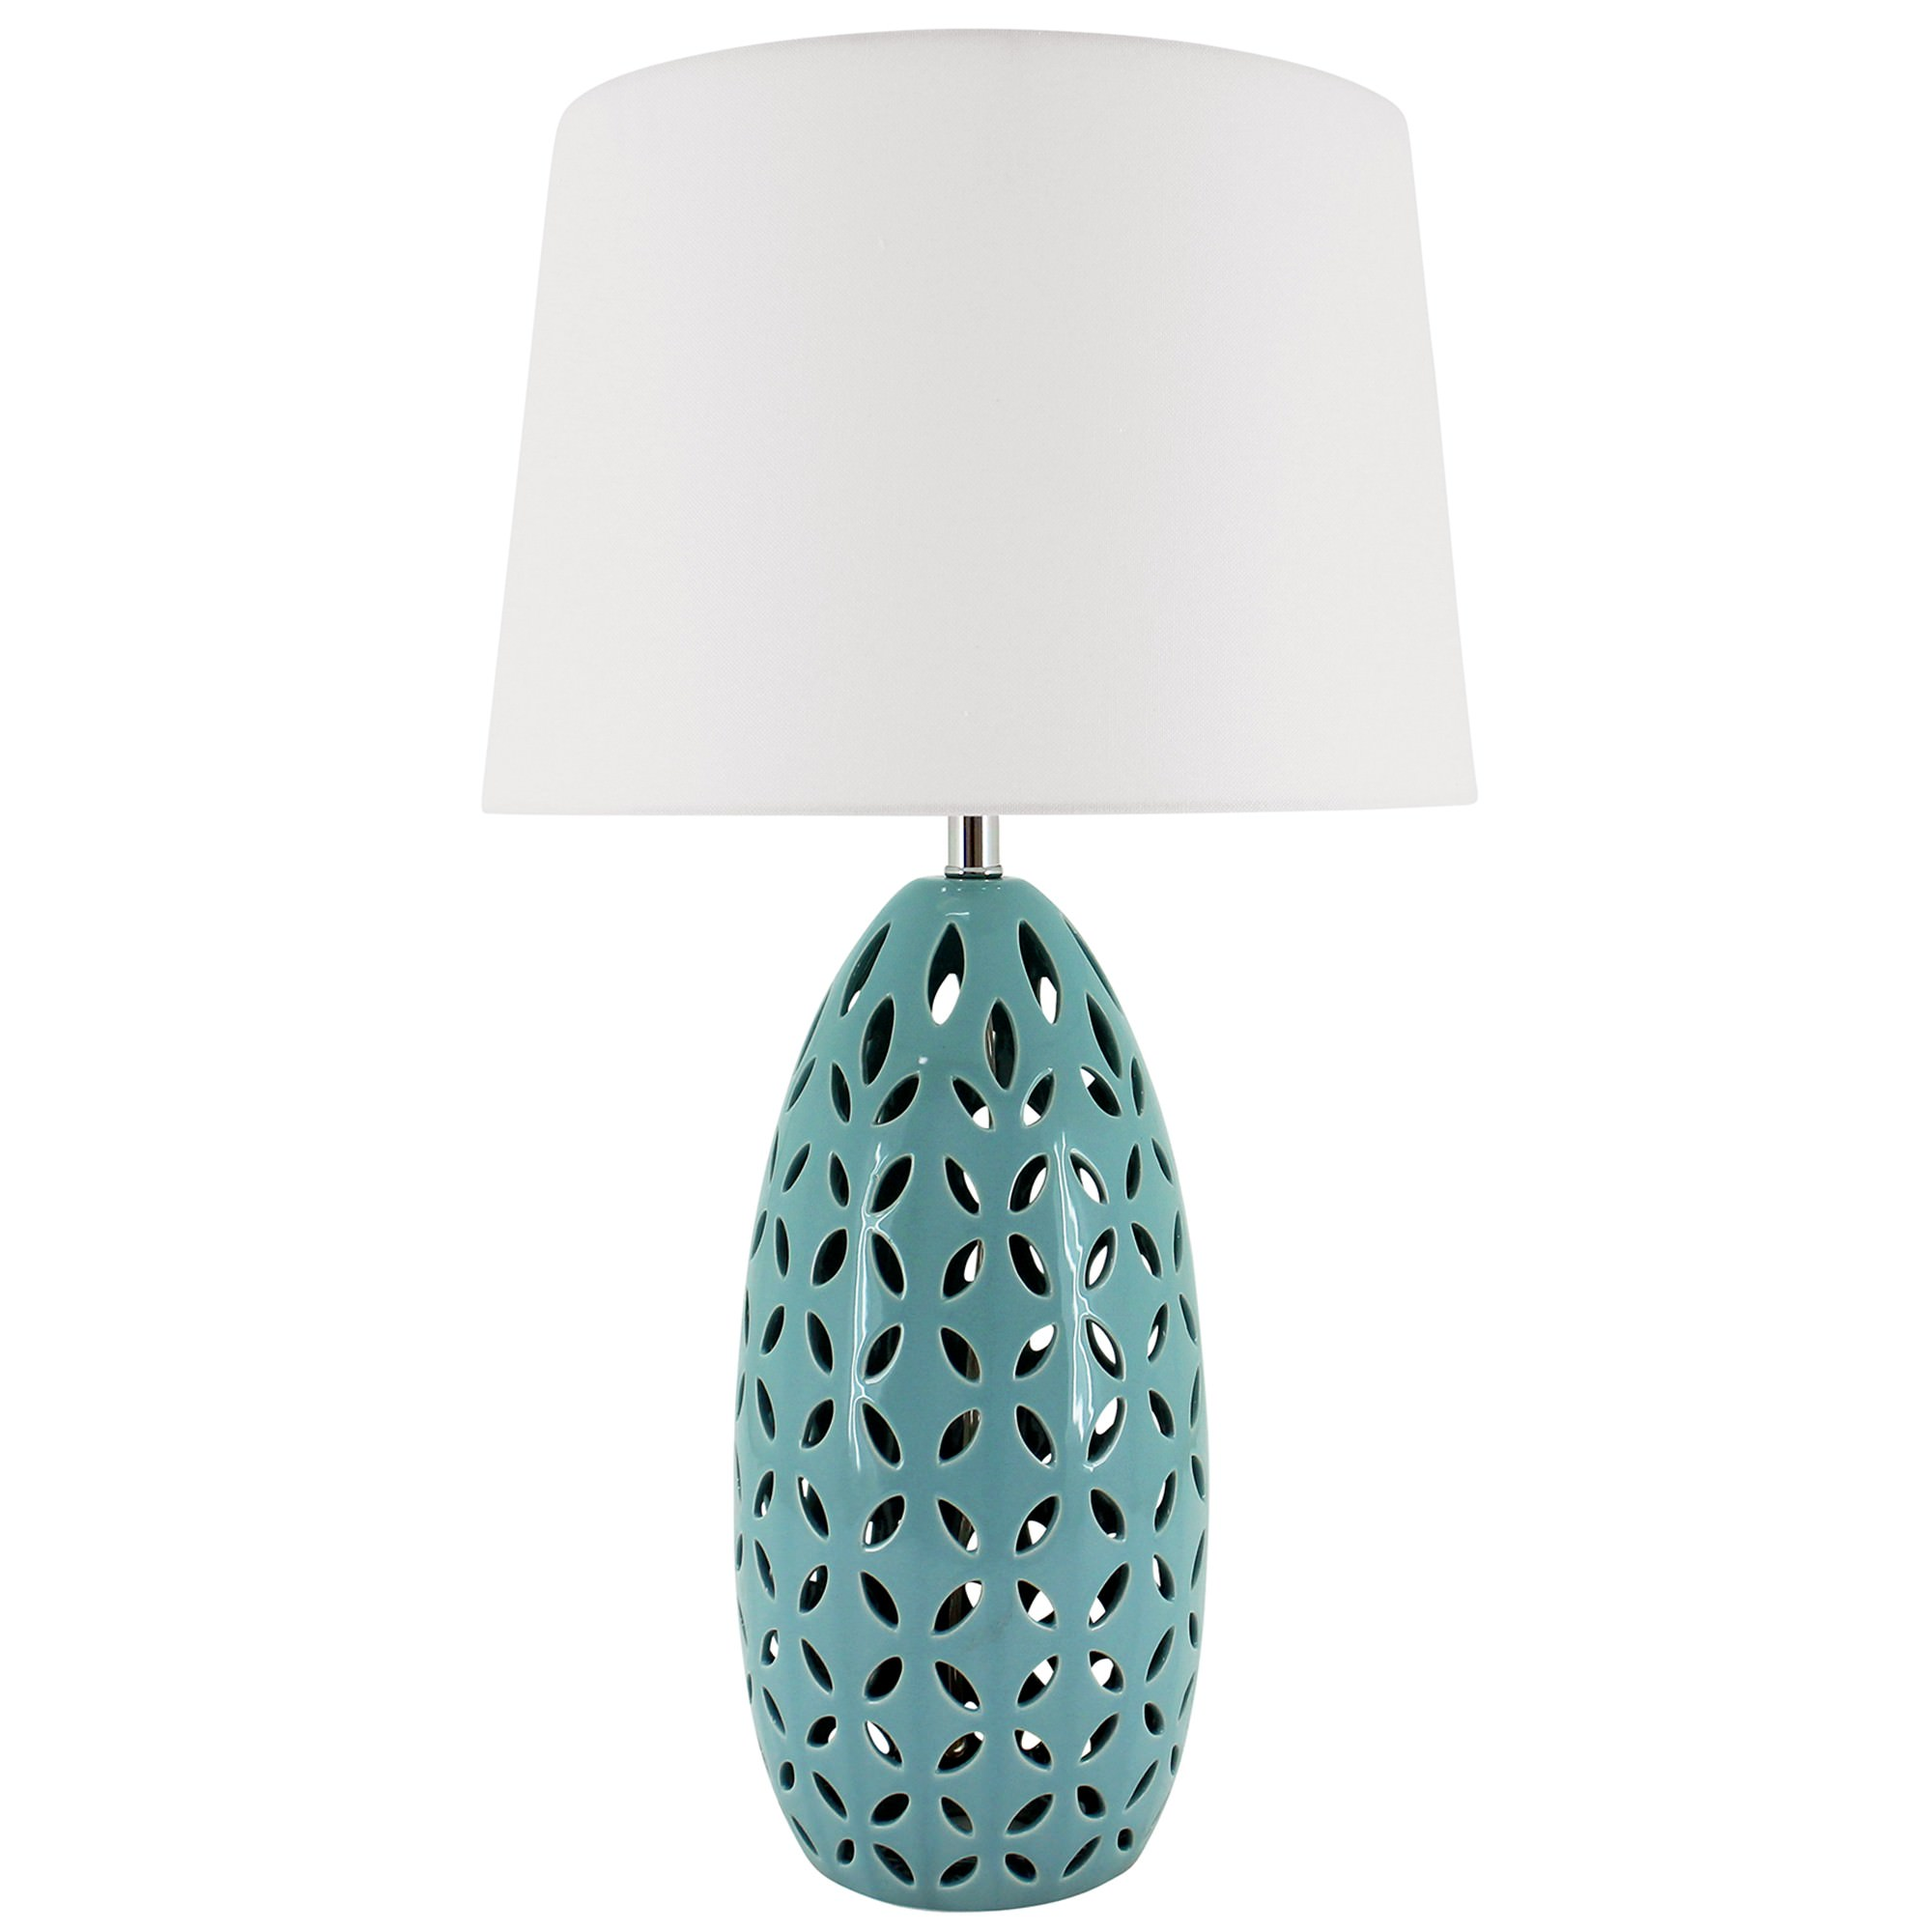 Kiran Ceramic Base Table Lamp, Teal